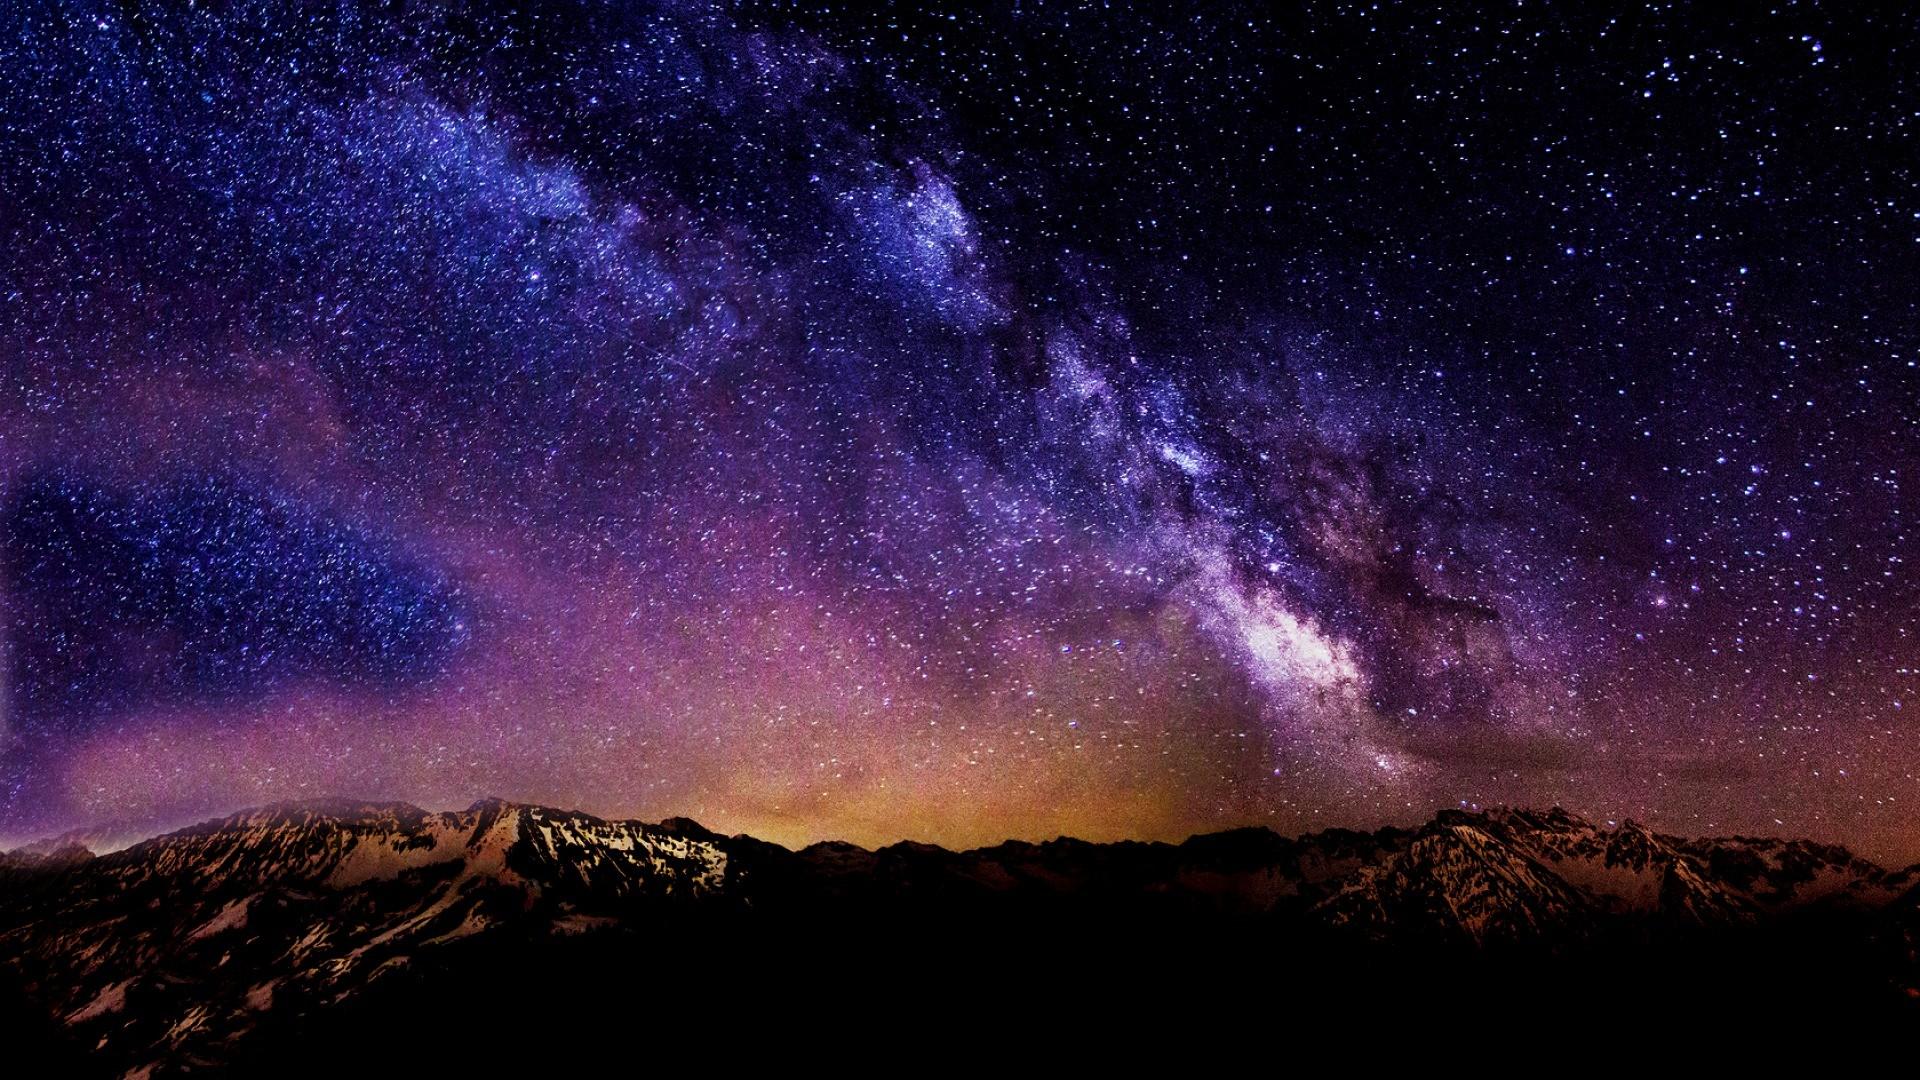 Altri modi per osservare le stelle: tradizione e tecnologia unite thumbnail